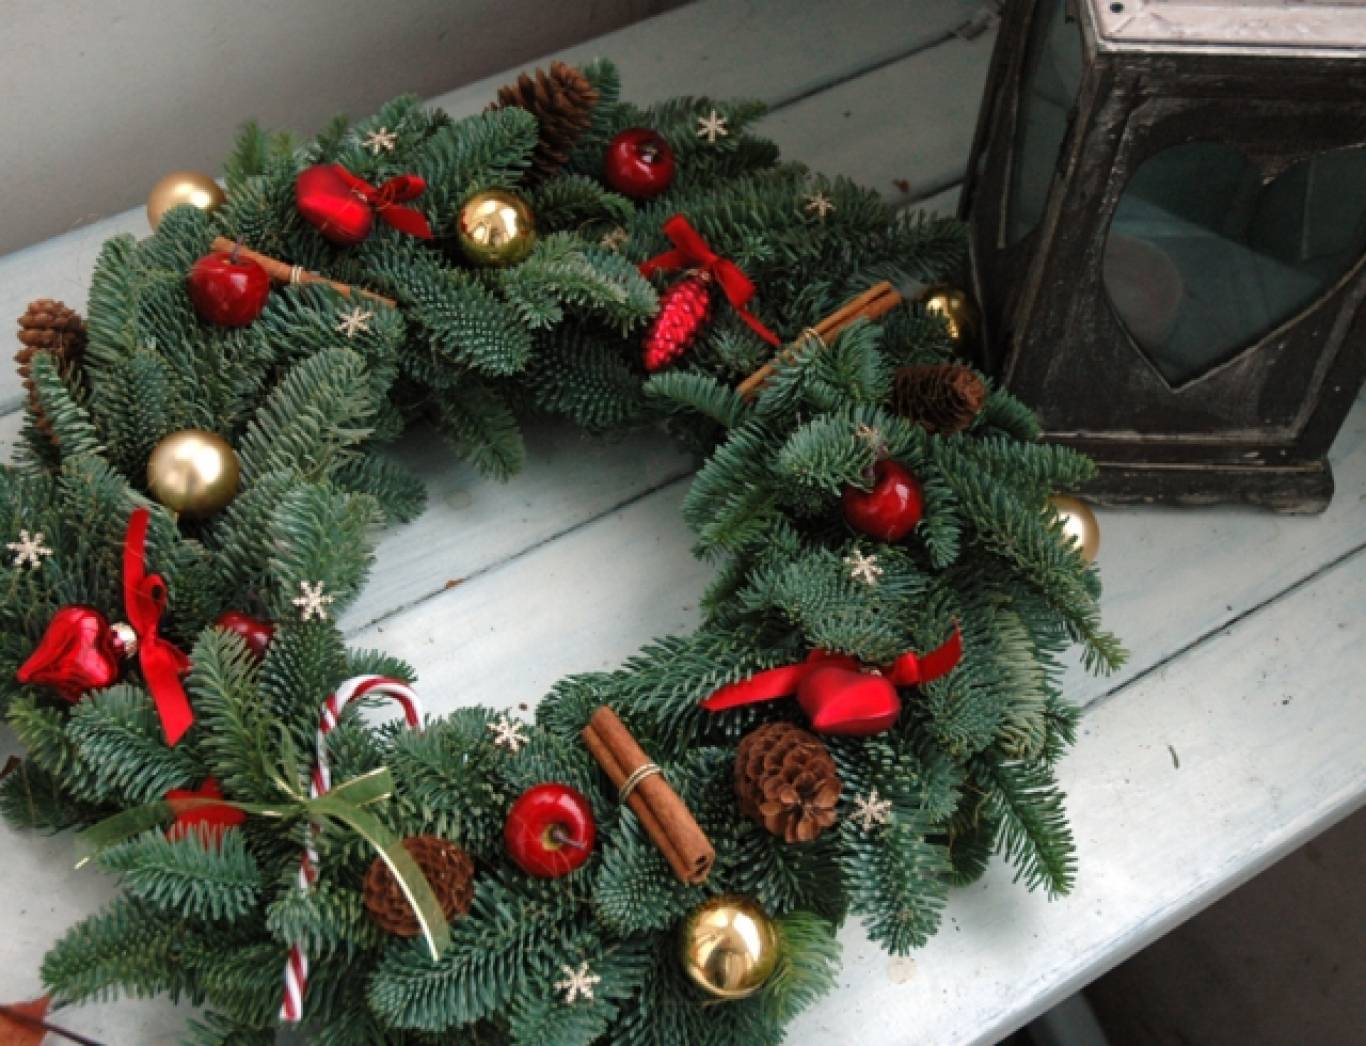 Как сделать новогодний венок своими руками пошагово — из веток, шишек, мишуры